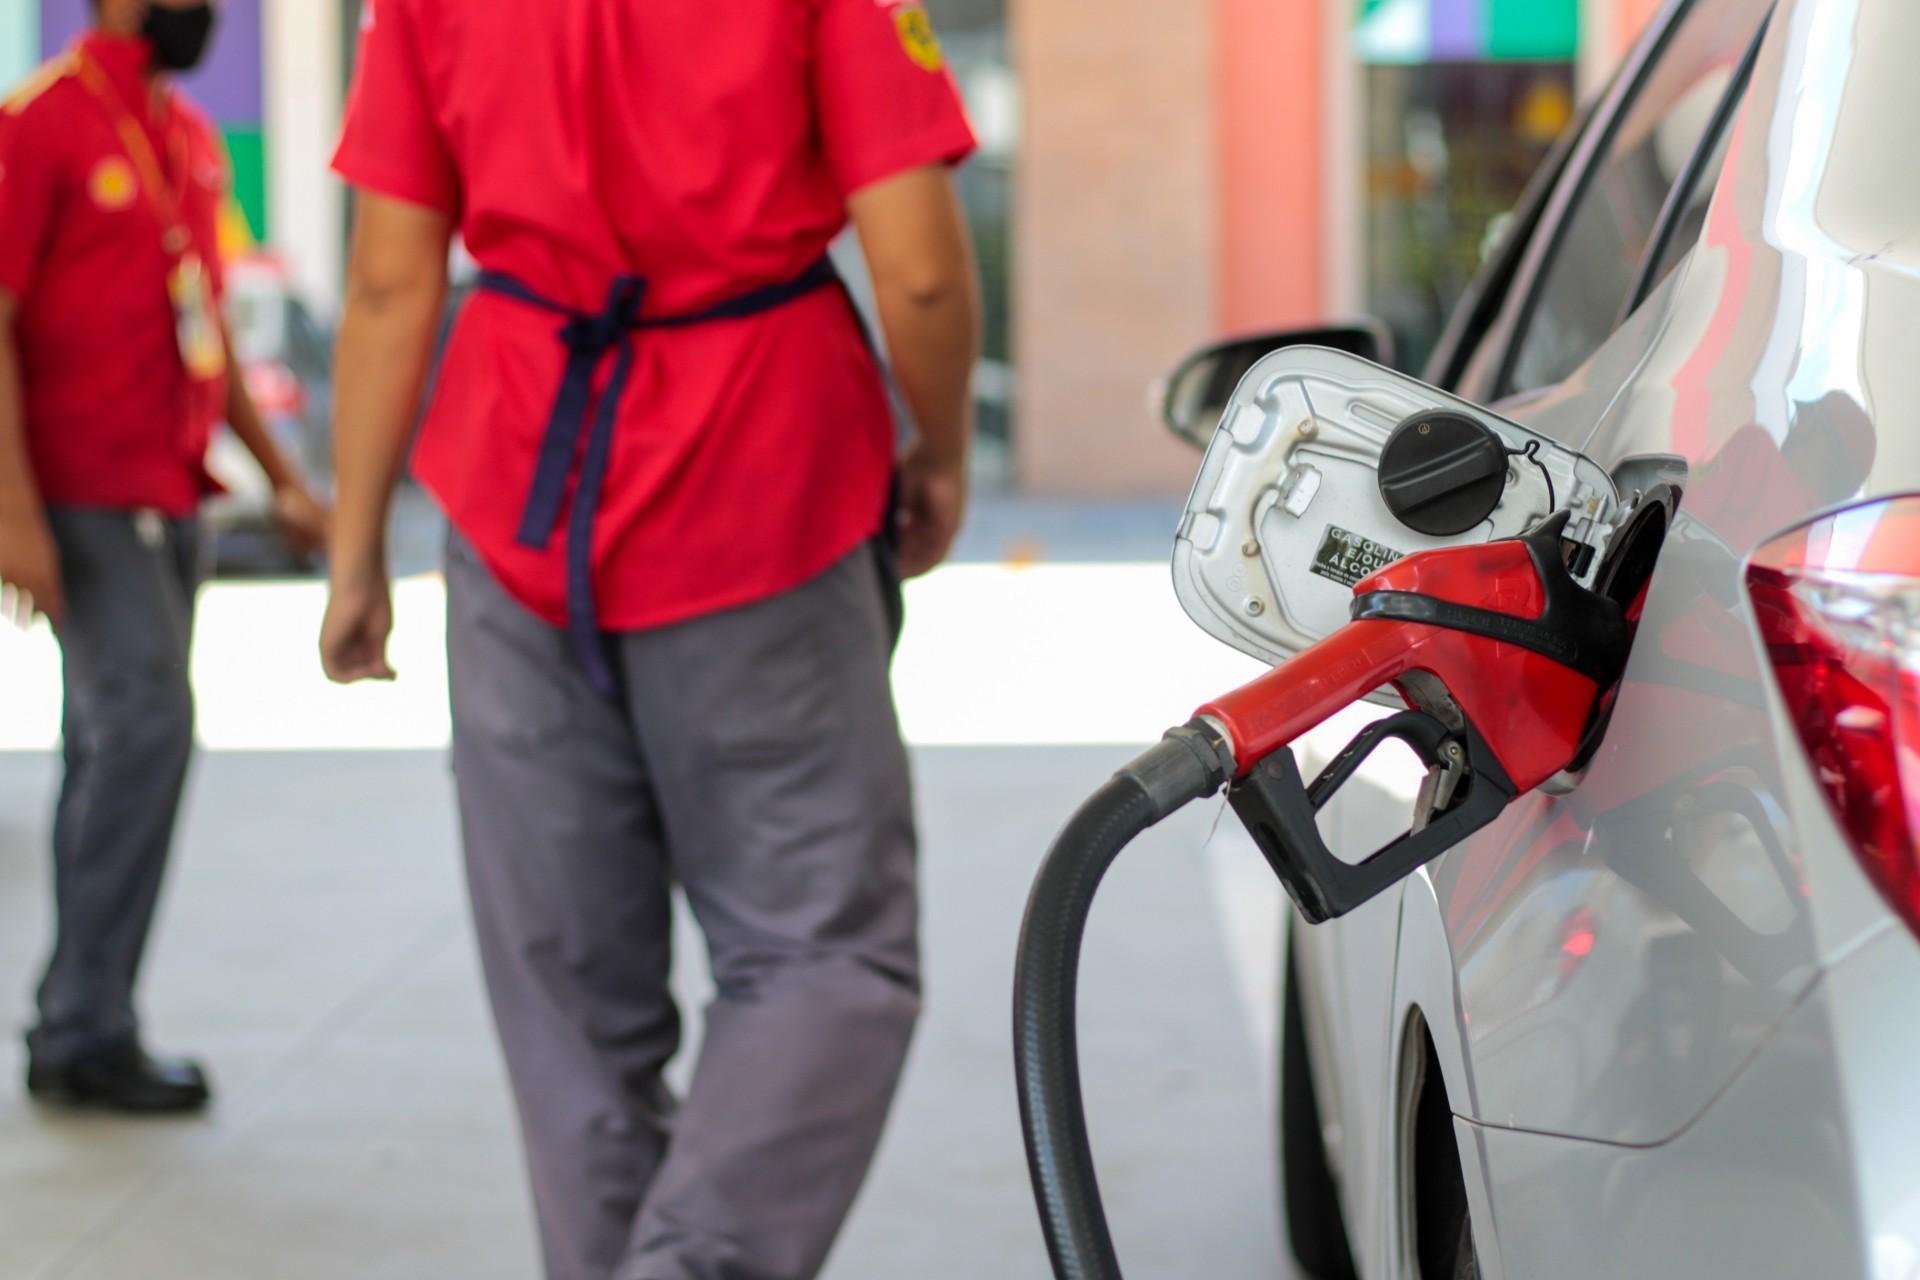 Gasolina tem preço médio próximo a R$ 6 no Ceará  (Foto: Barbara Moira/O POVO)